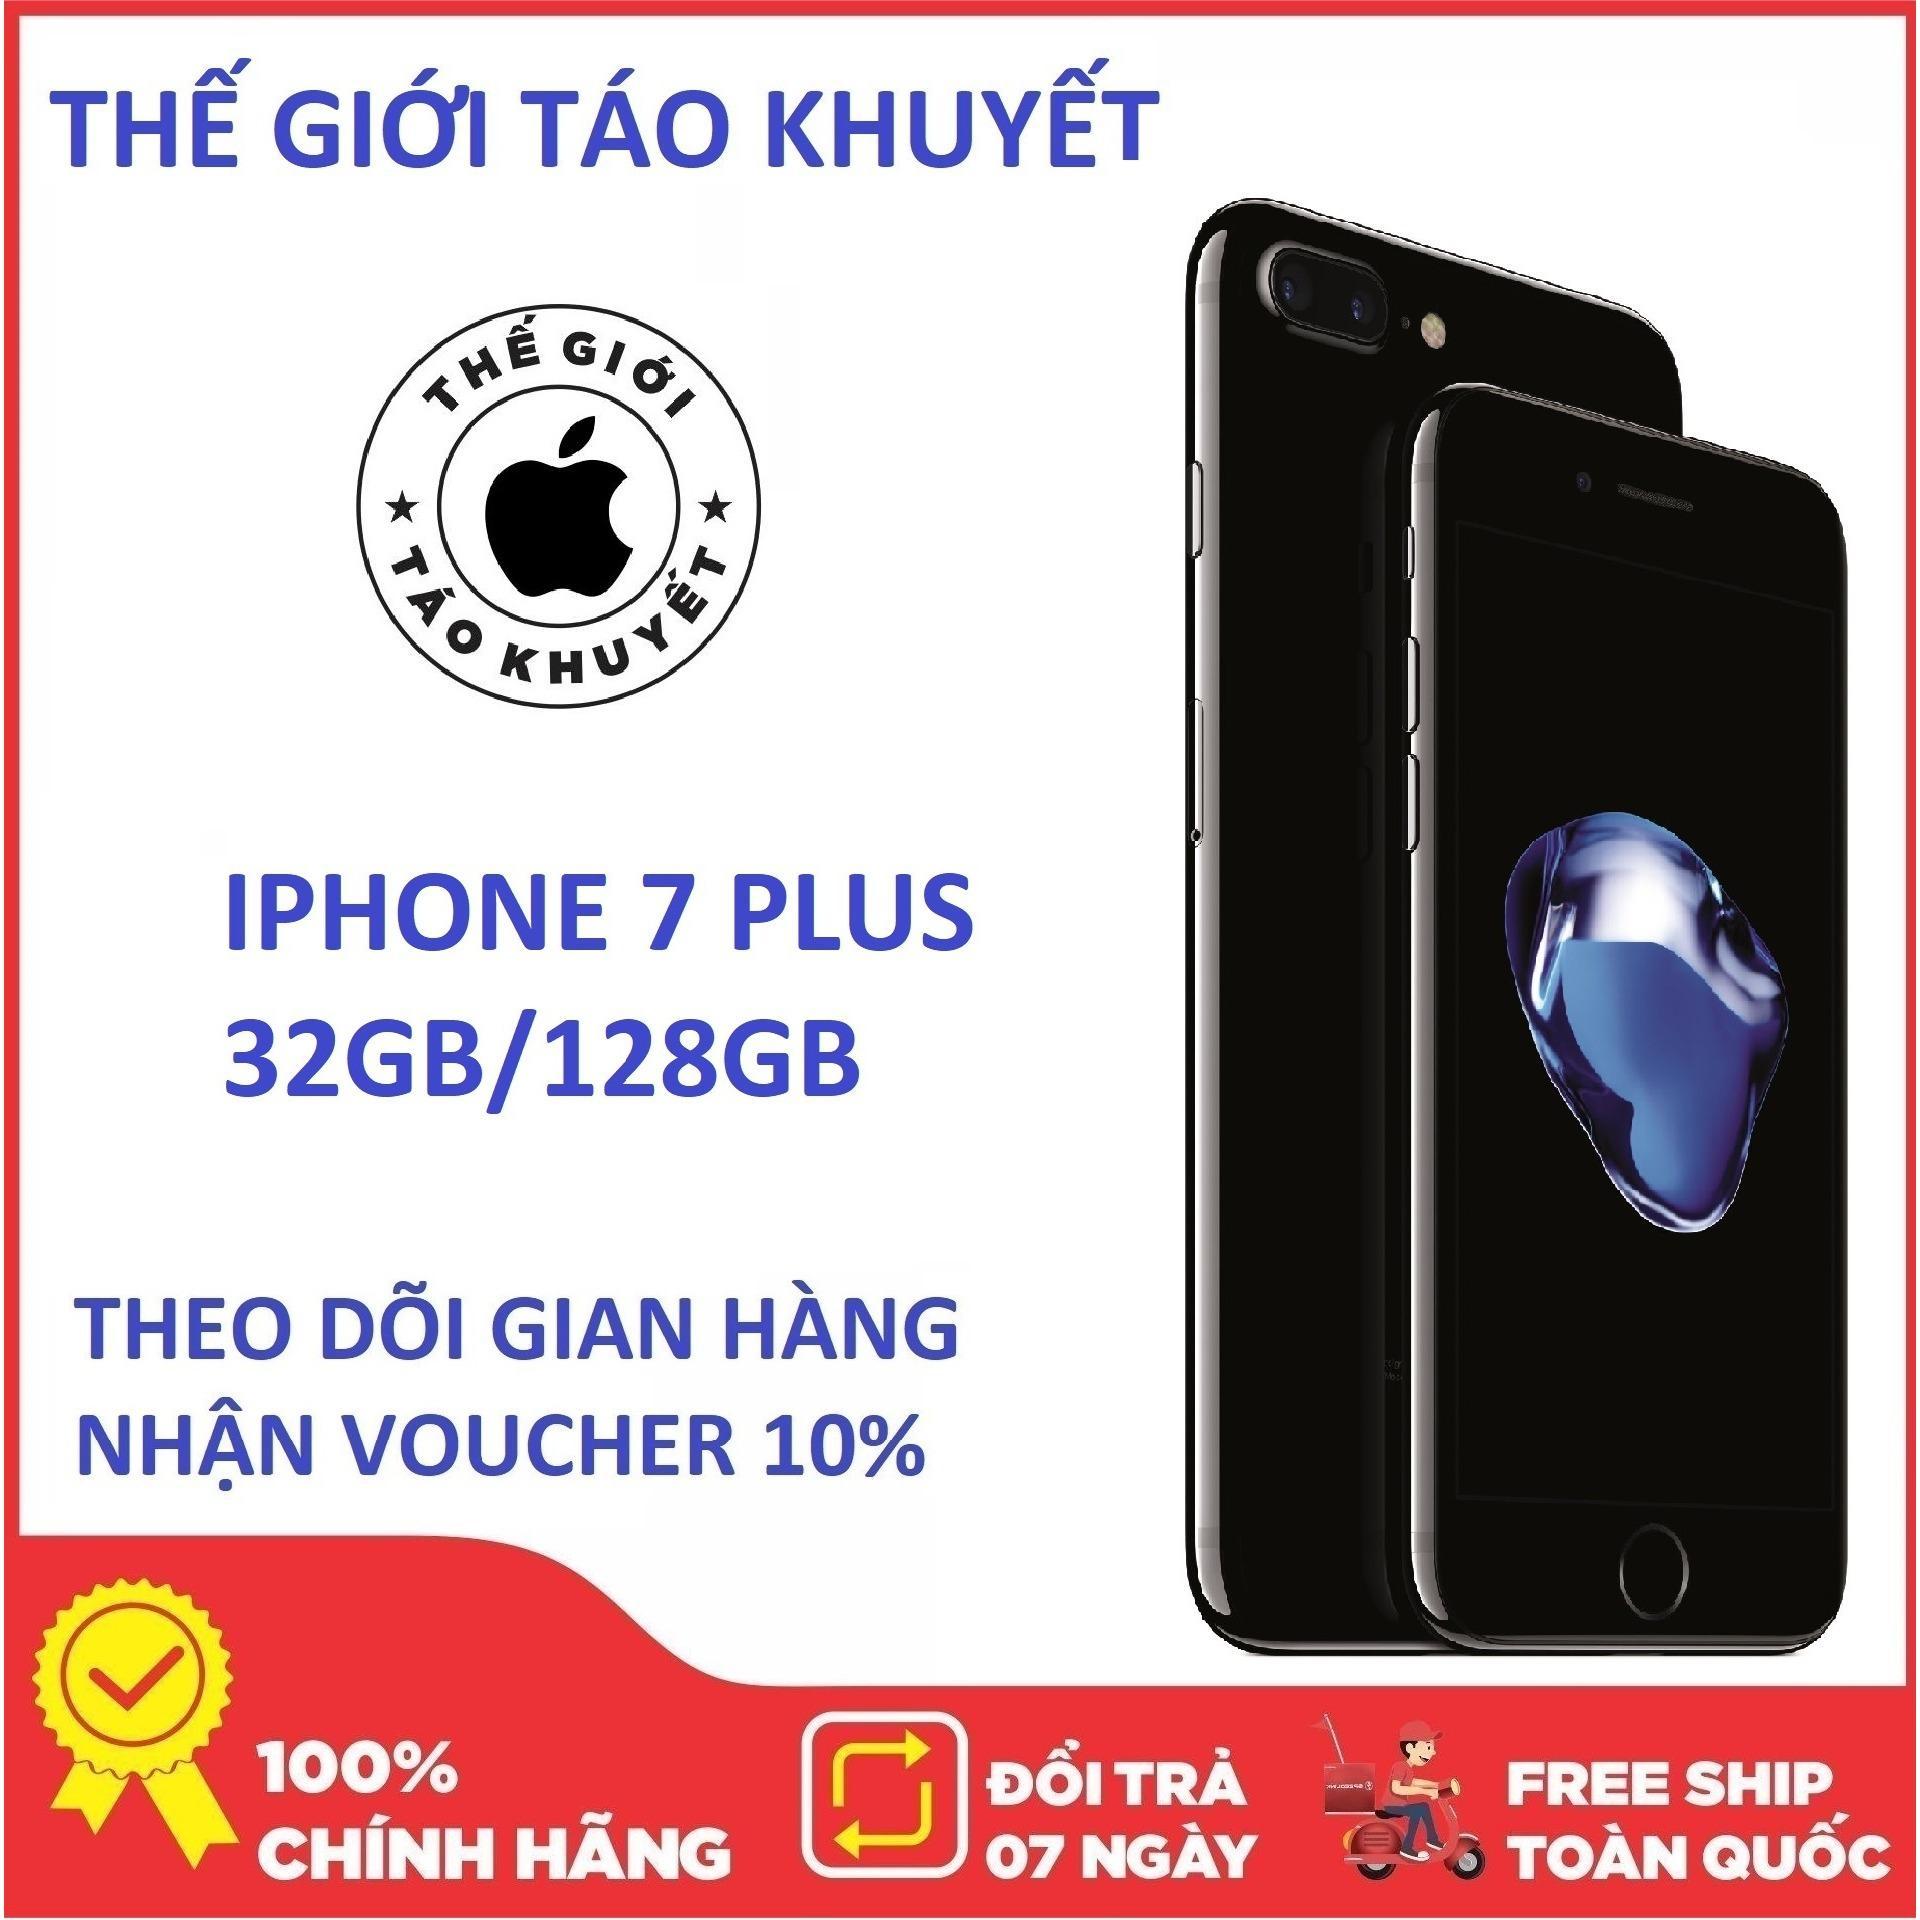 Điện thoại Apple IPHONE 7 PLUS - 128G - RAM 2GB - Bản quốc tế - Bảo hành 12T - Chính Hiệu - Thế Giới Táo Khuyết